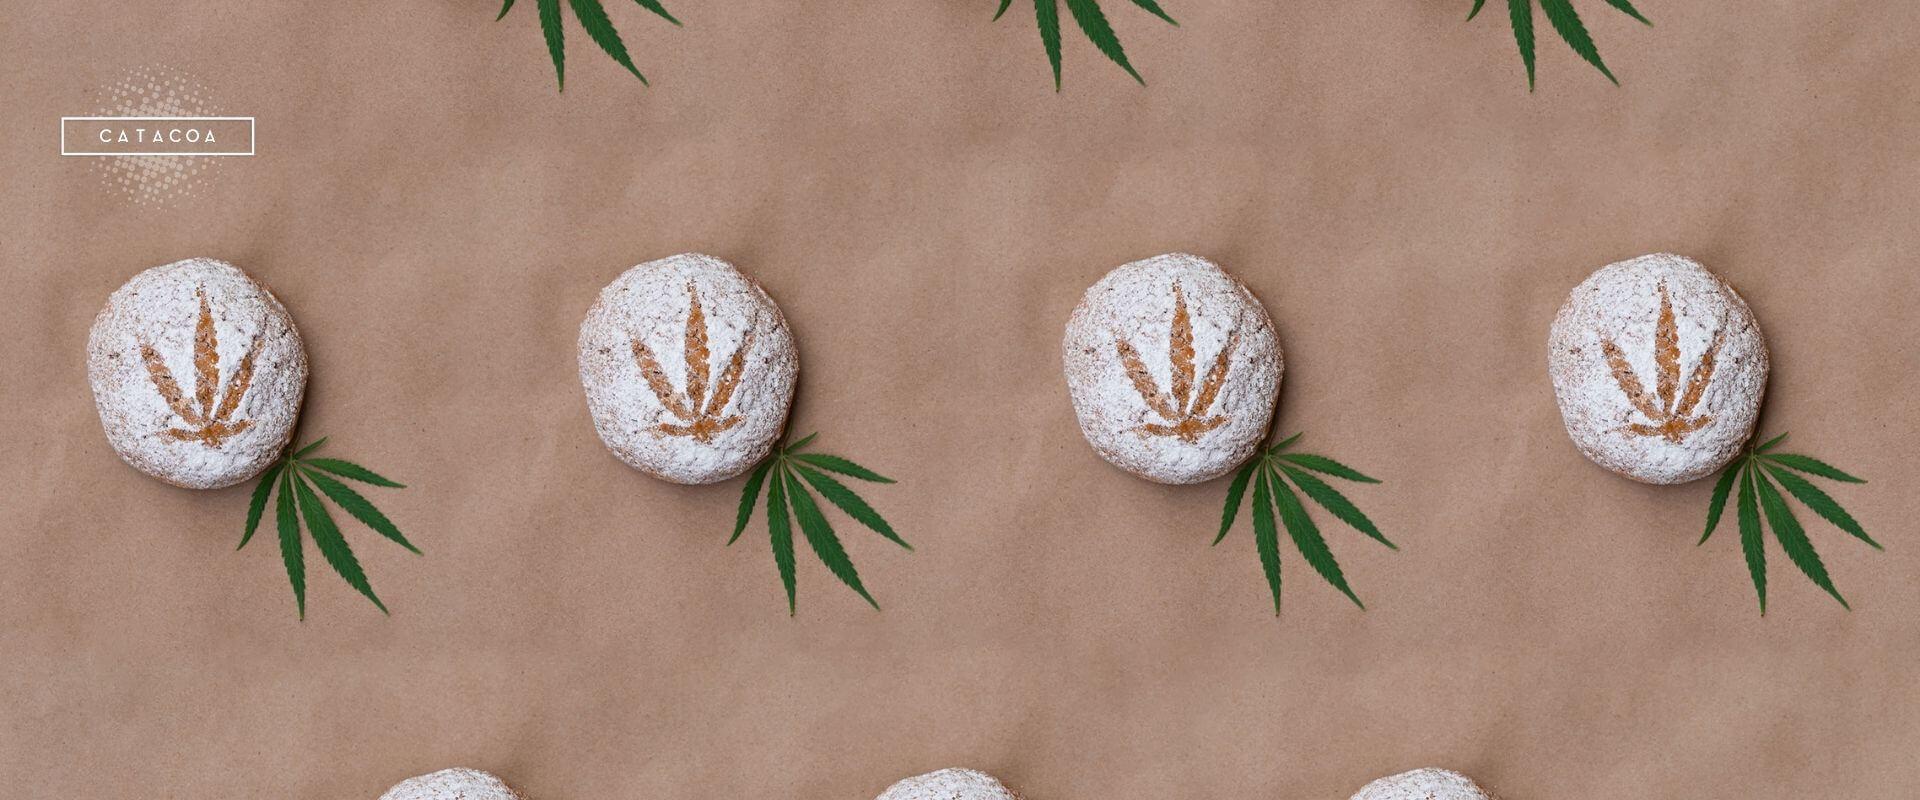 Efectos de la marihuana: Guía Completa (2021)